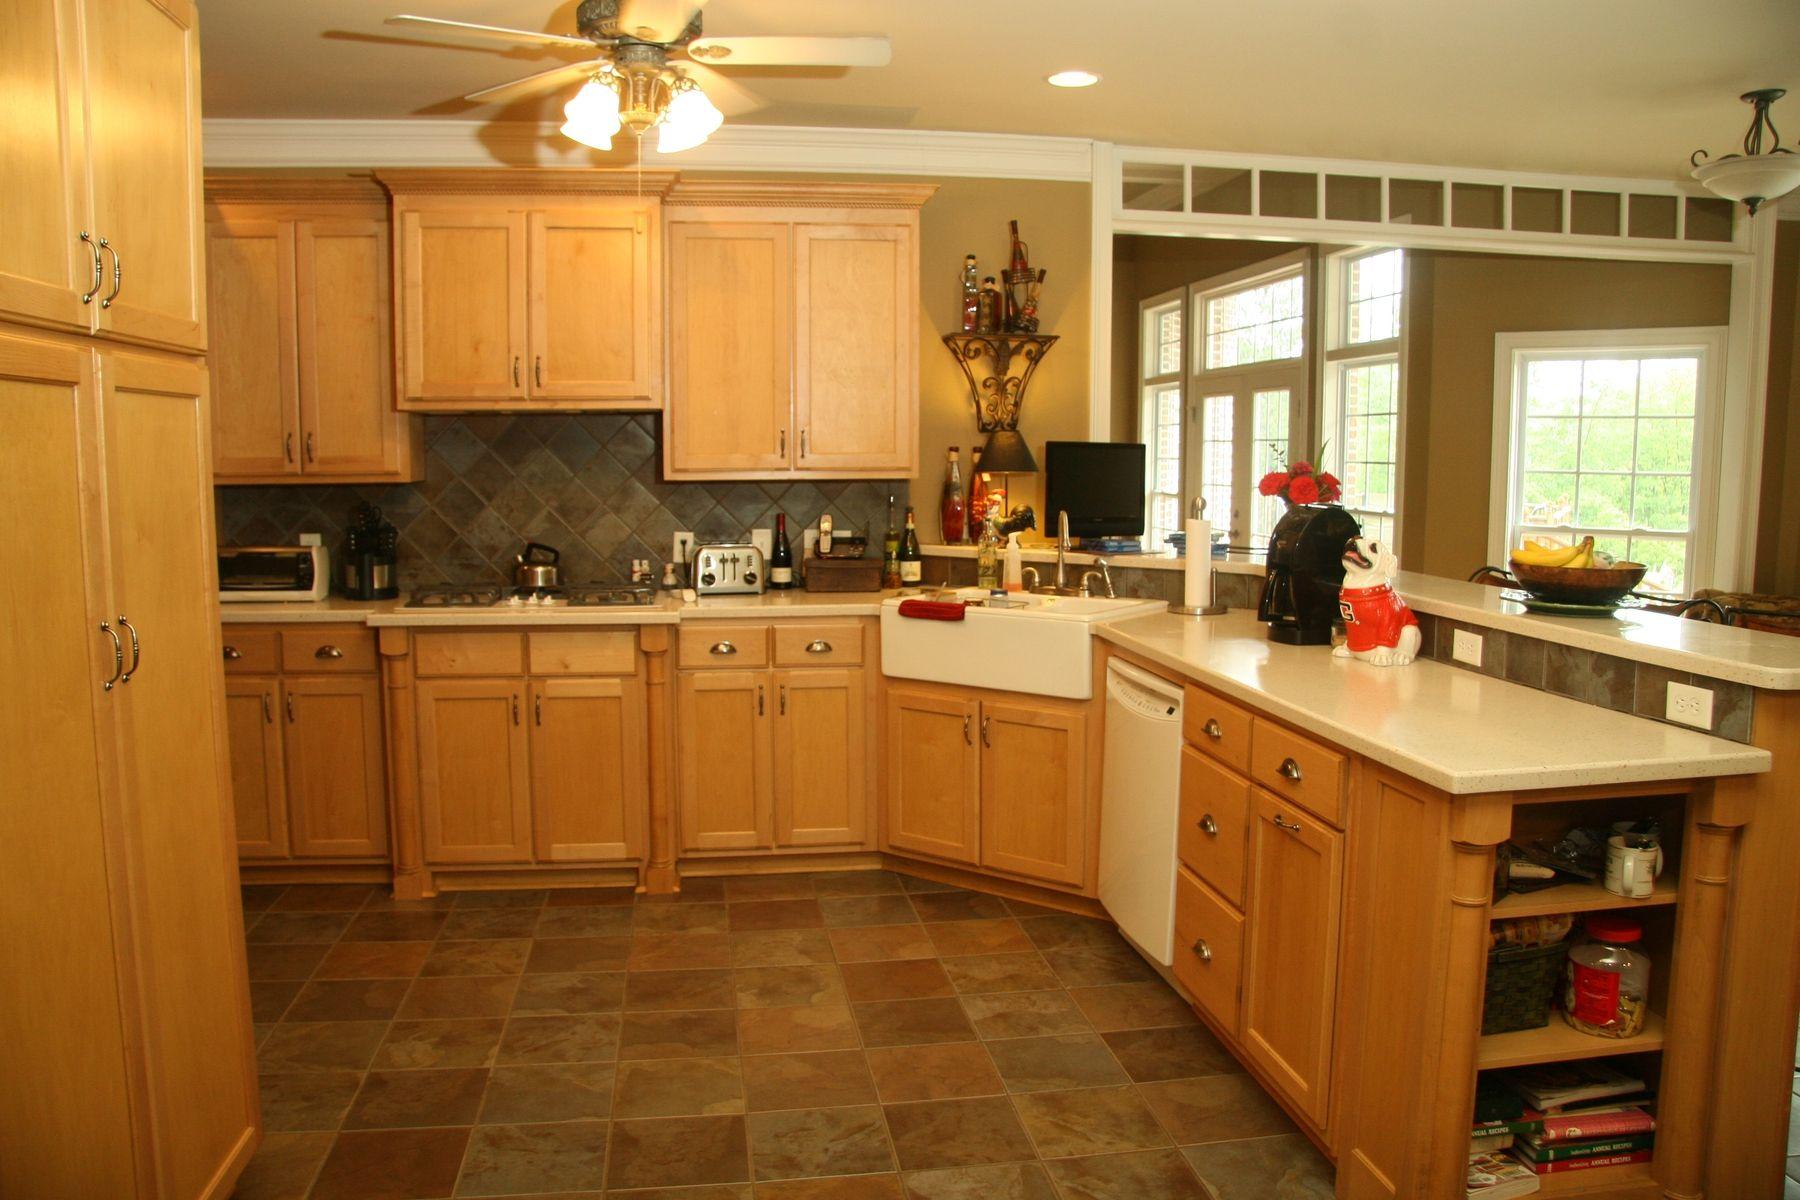 Handmade Maple Kitchen by Oak Creek Cabinets   CustomMade.com on Maple Cabinets Kitchen  id=20797